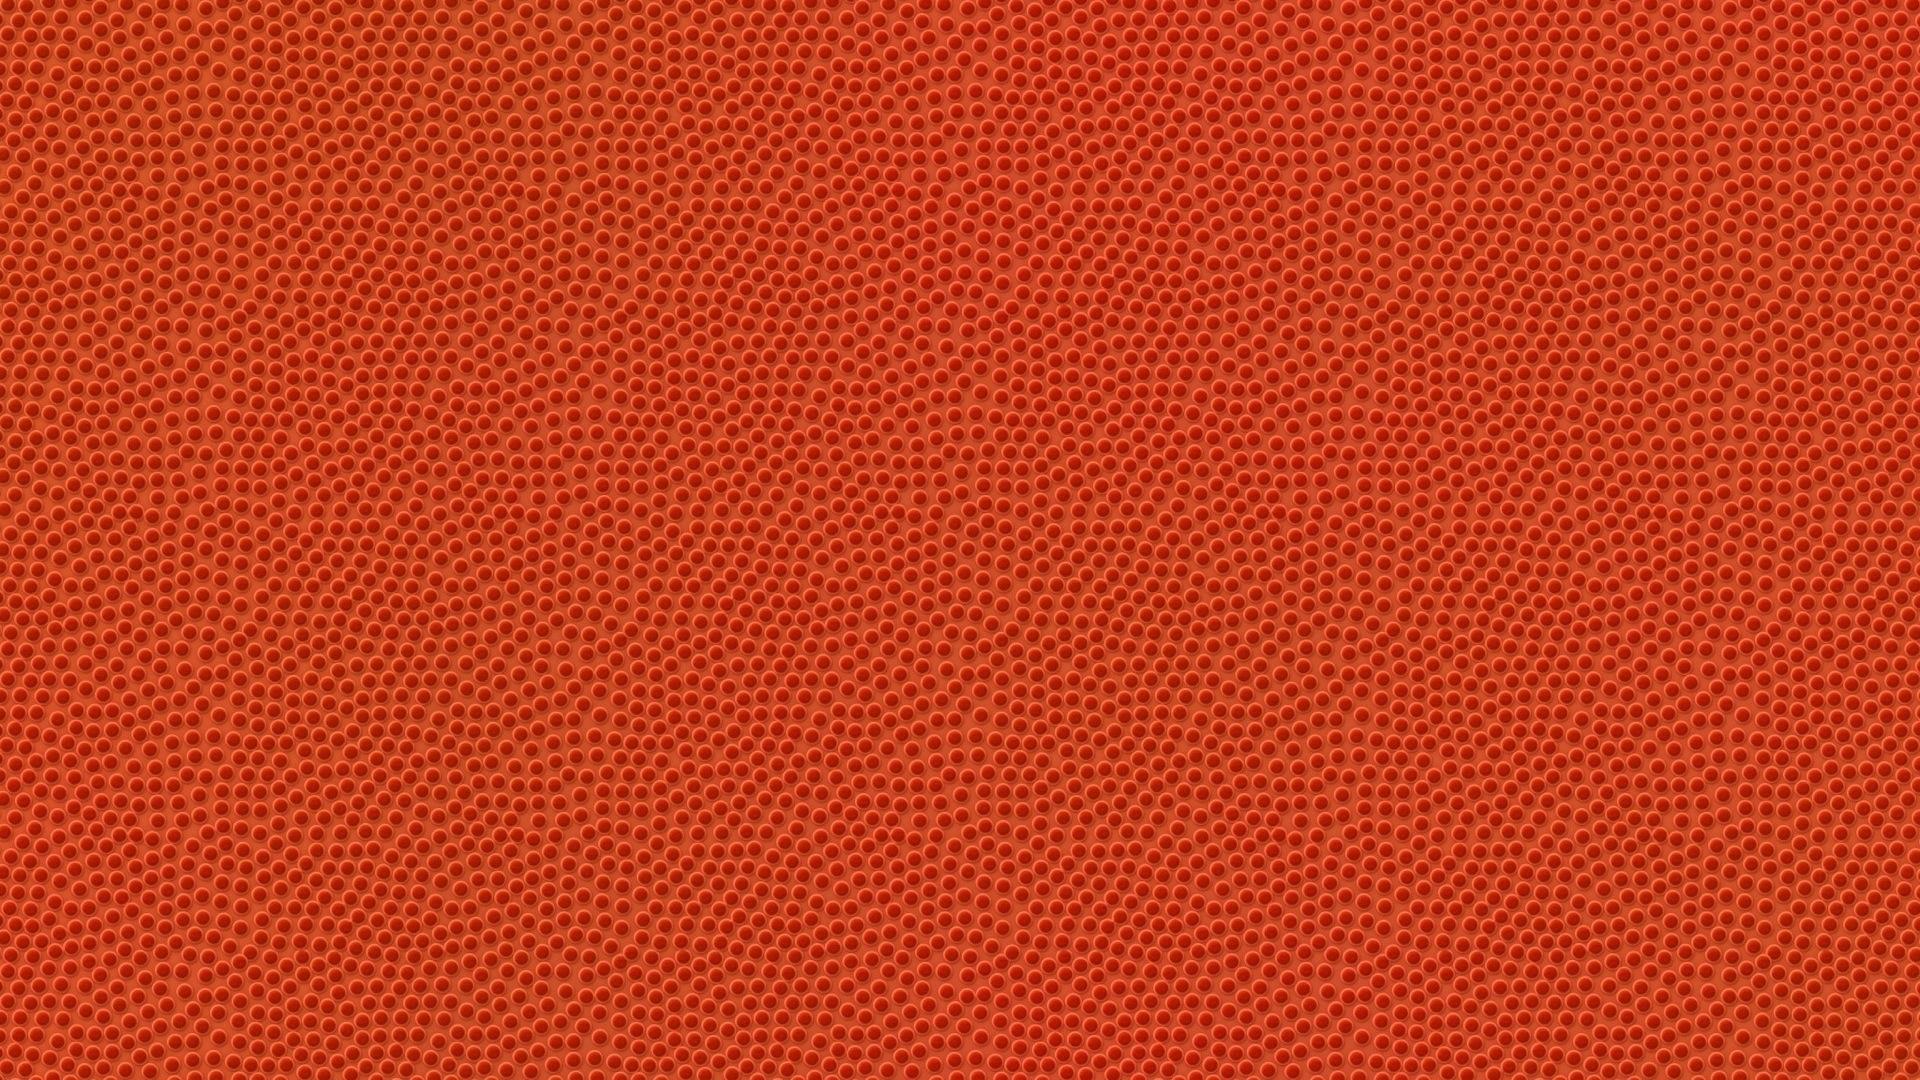 Mac Wallpaper